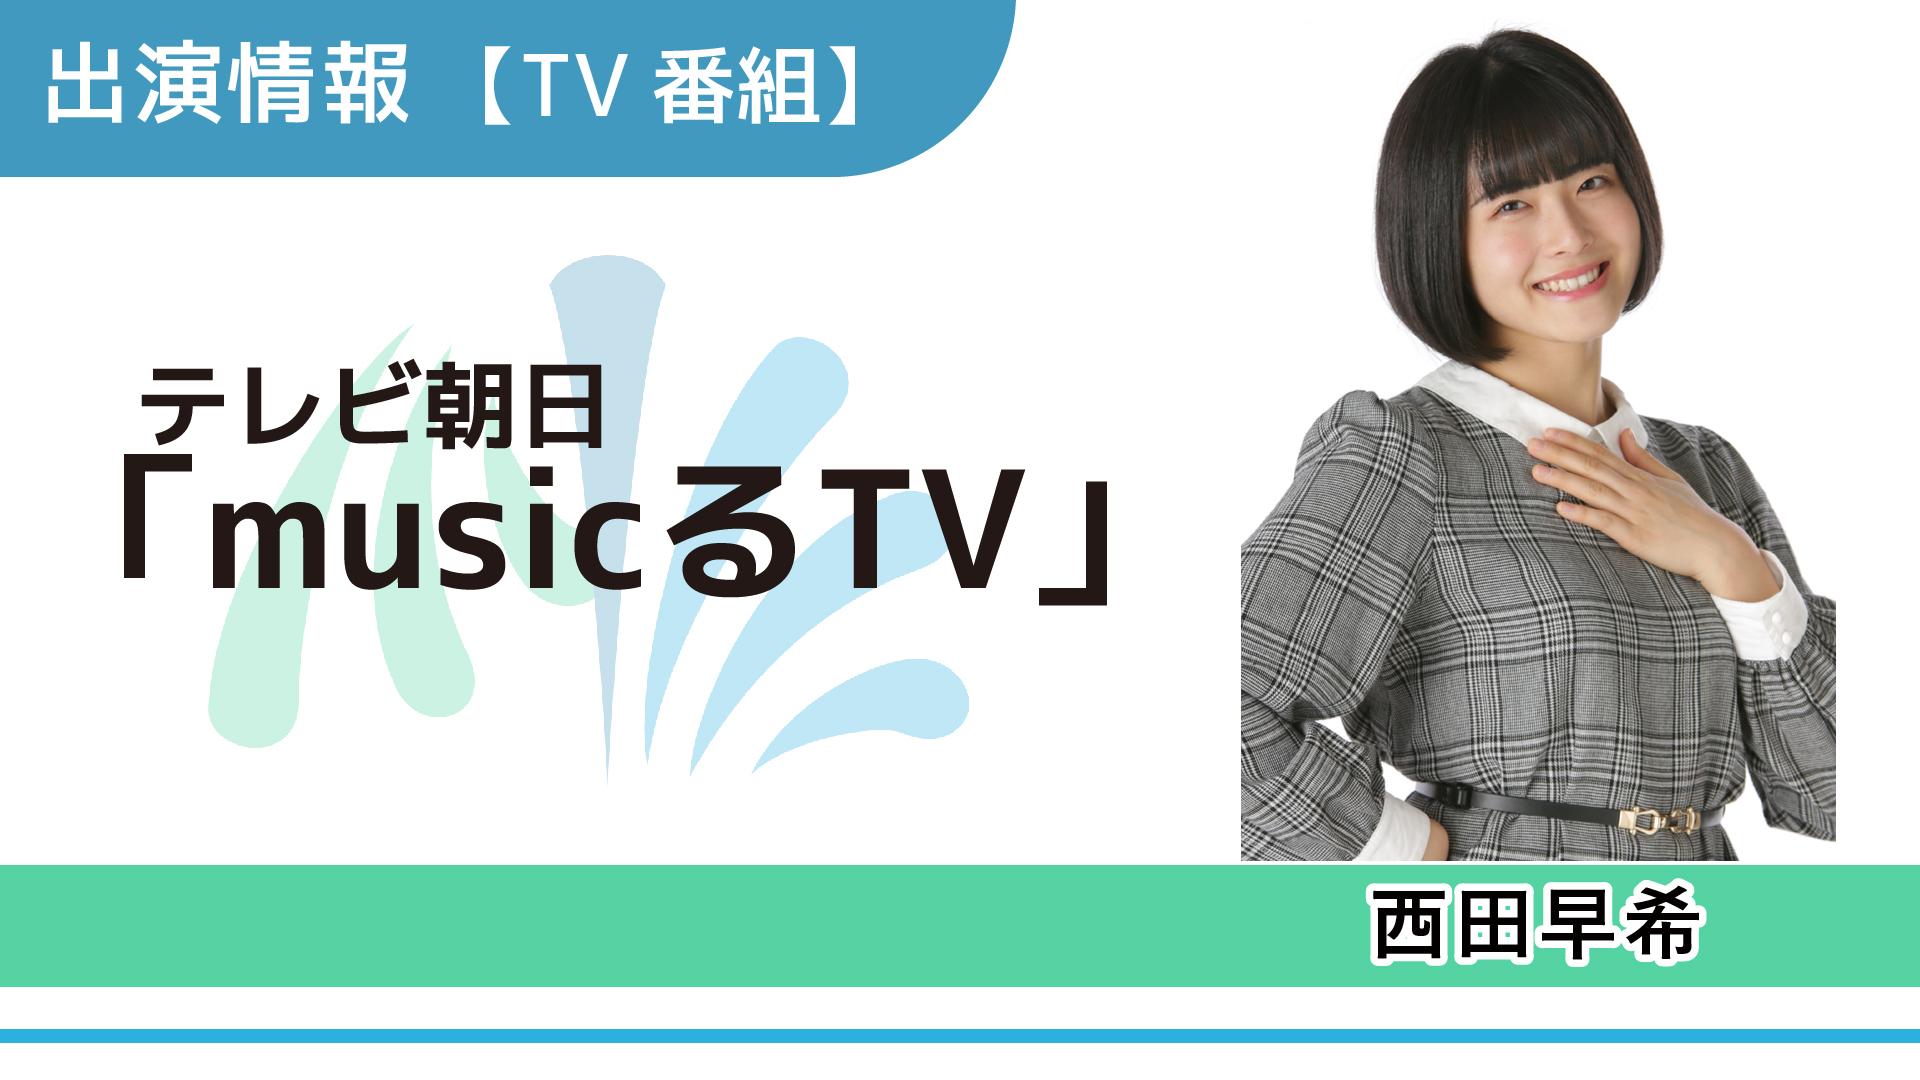 【出演情報】西田早希 / テレビ朝日「musicるTV」